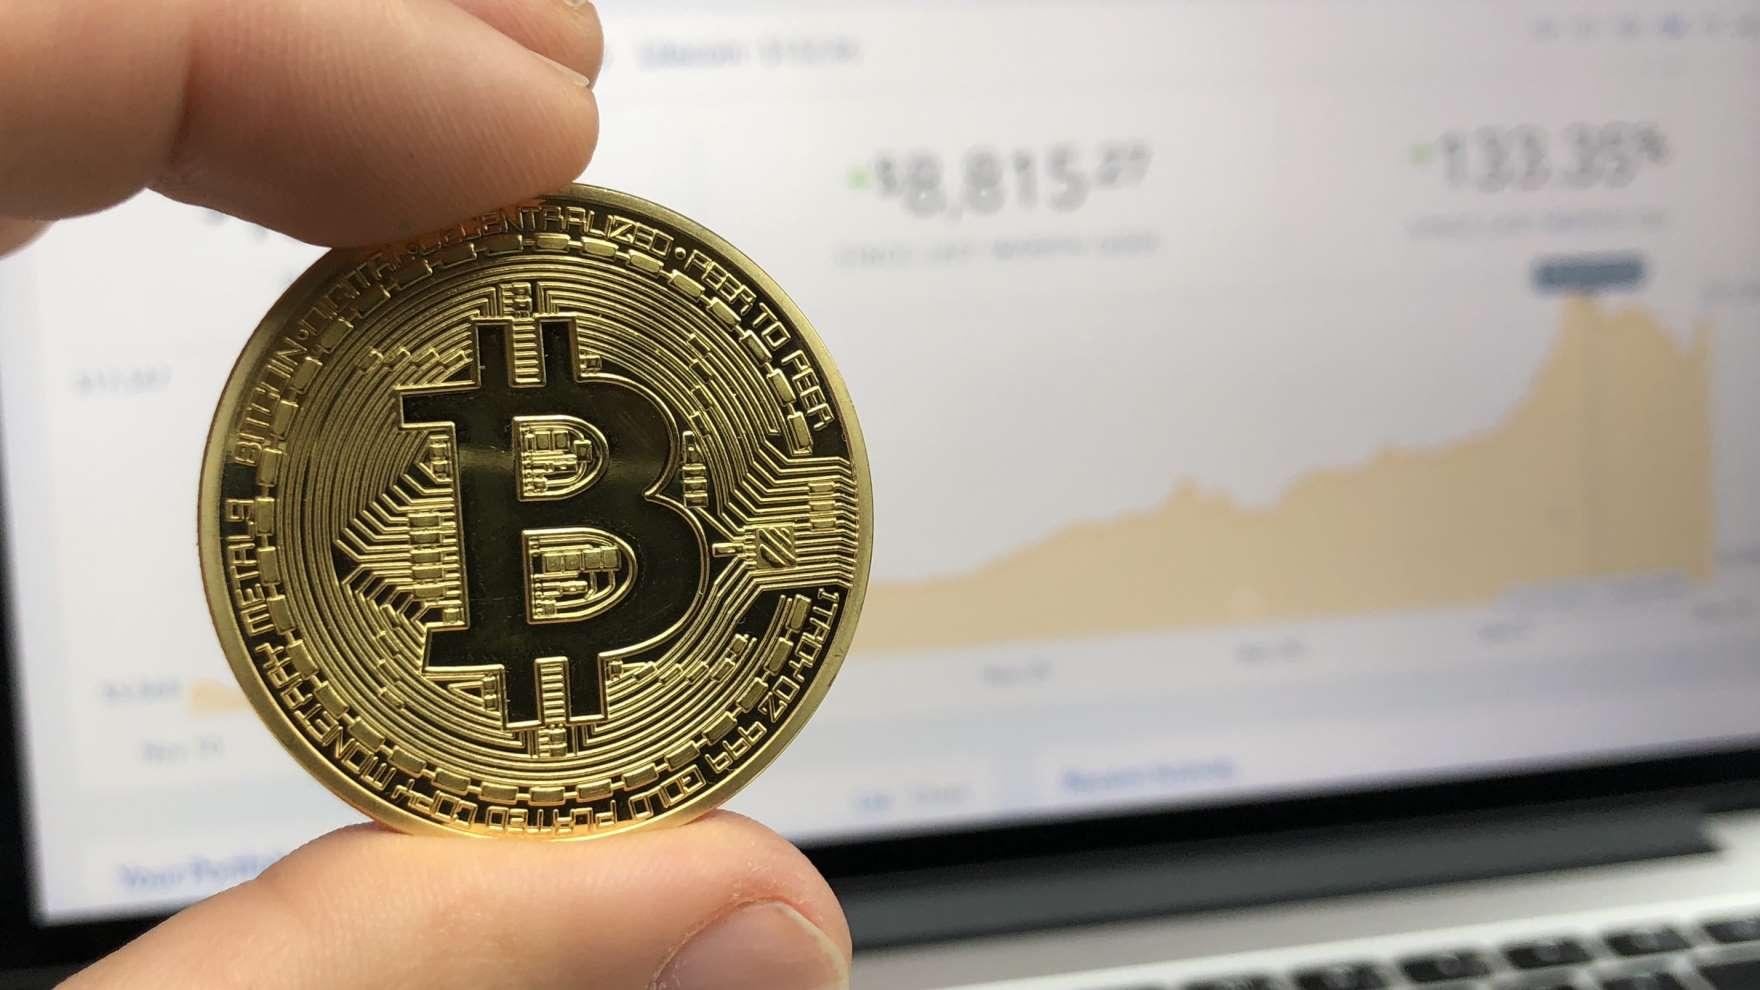 Imparable: 10 veces creció la cotización de Bitcoin en los últimos 12 meses